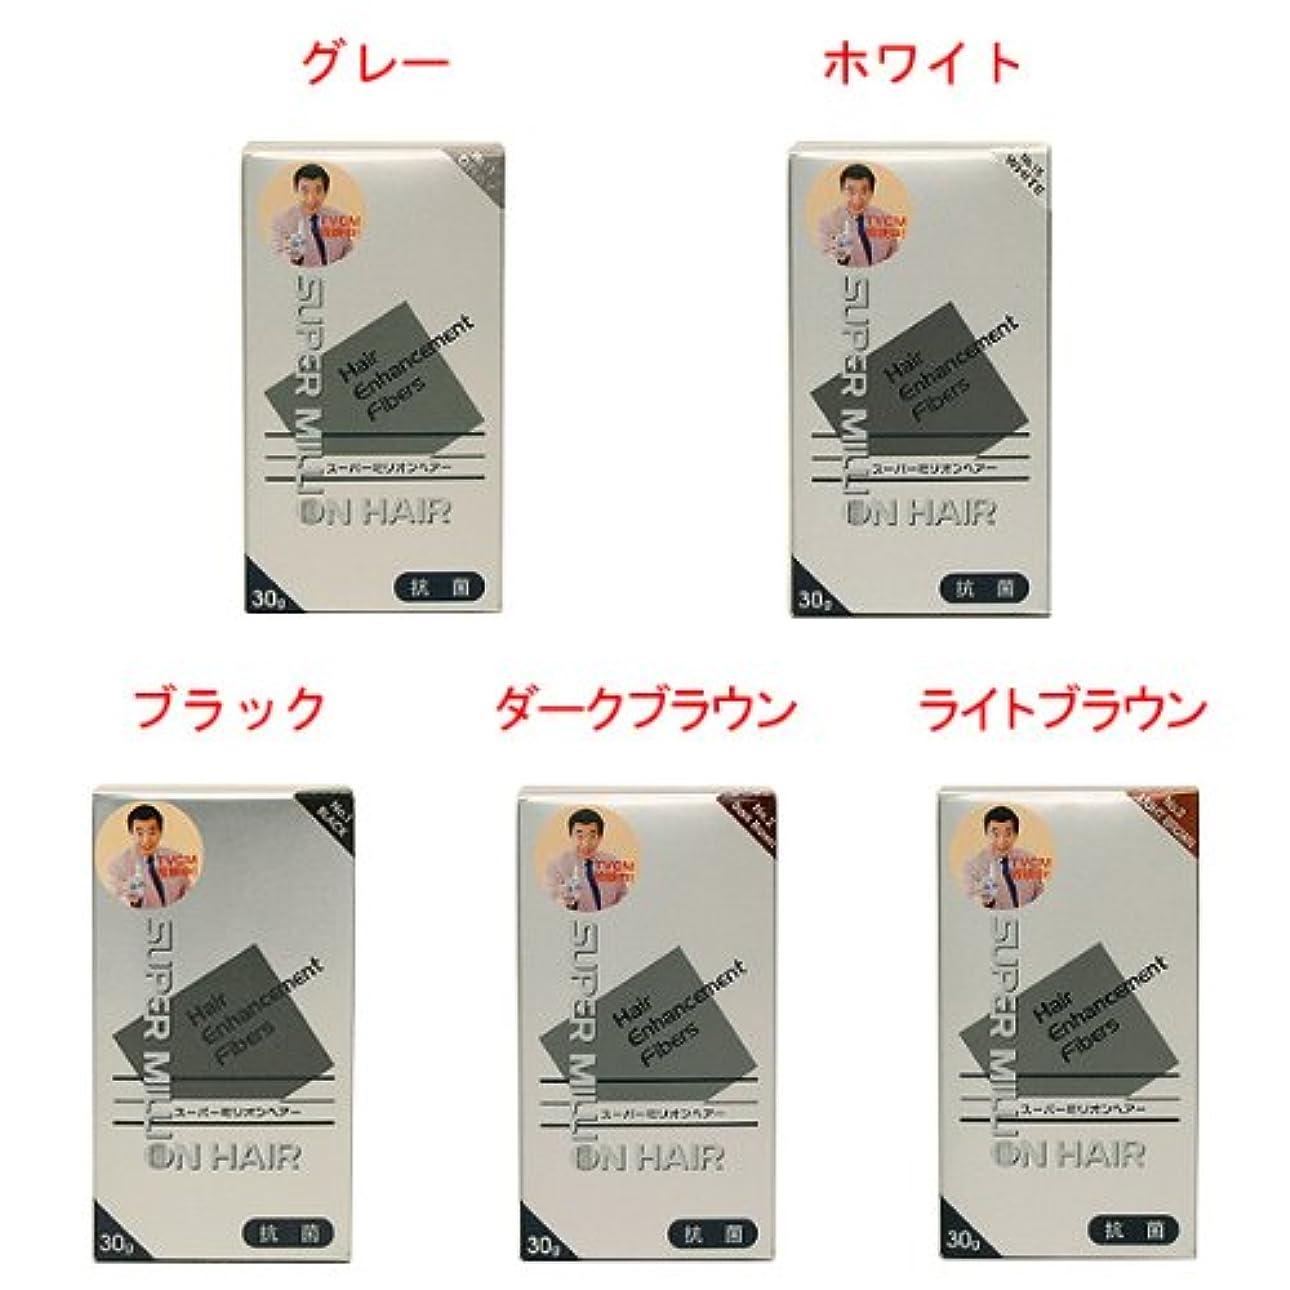 スラム軽食サイクル【ルアン】スーパーミリオンヘアー No.15 ホワイト 30g